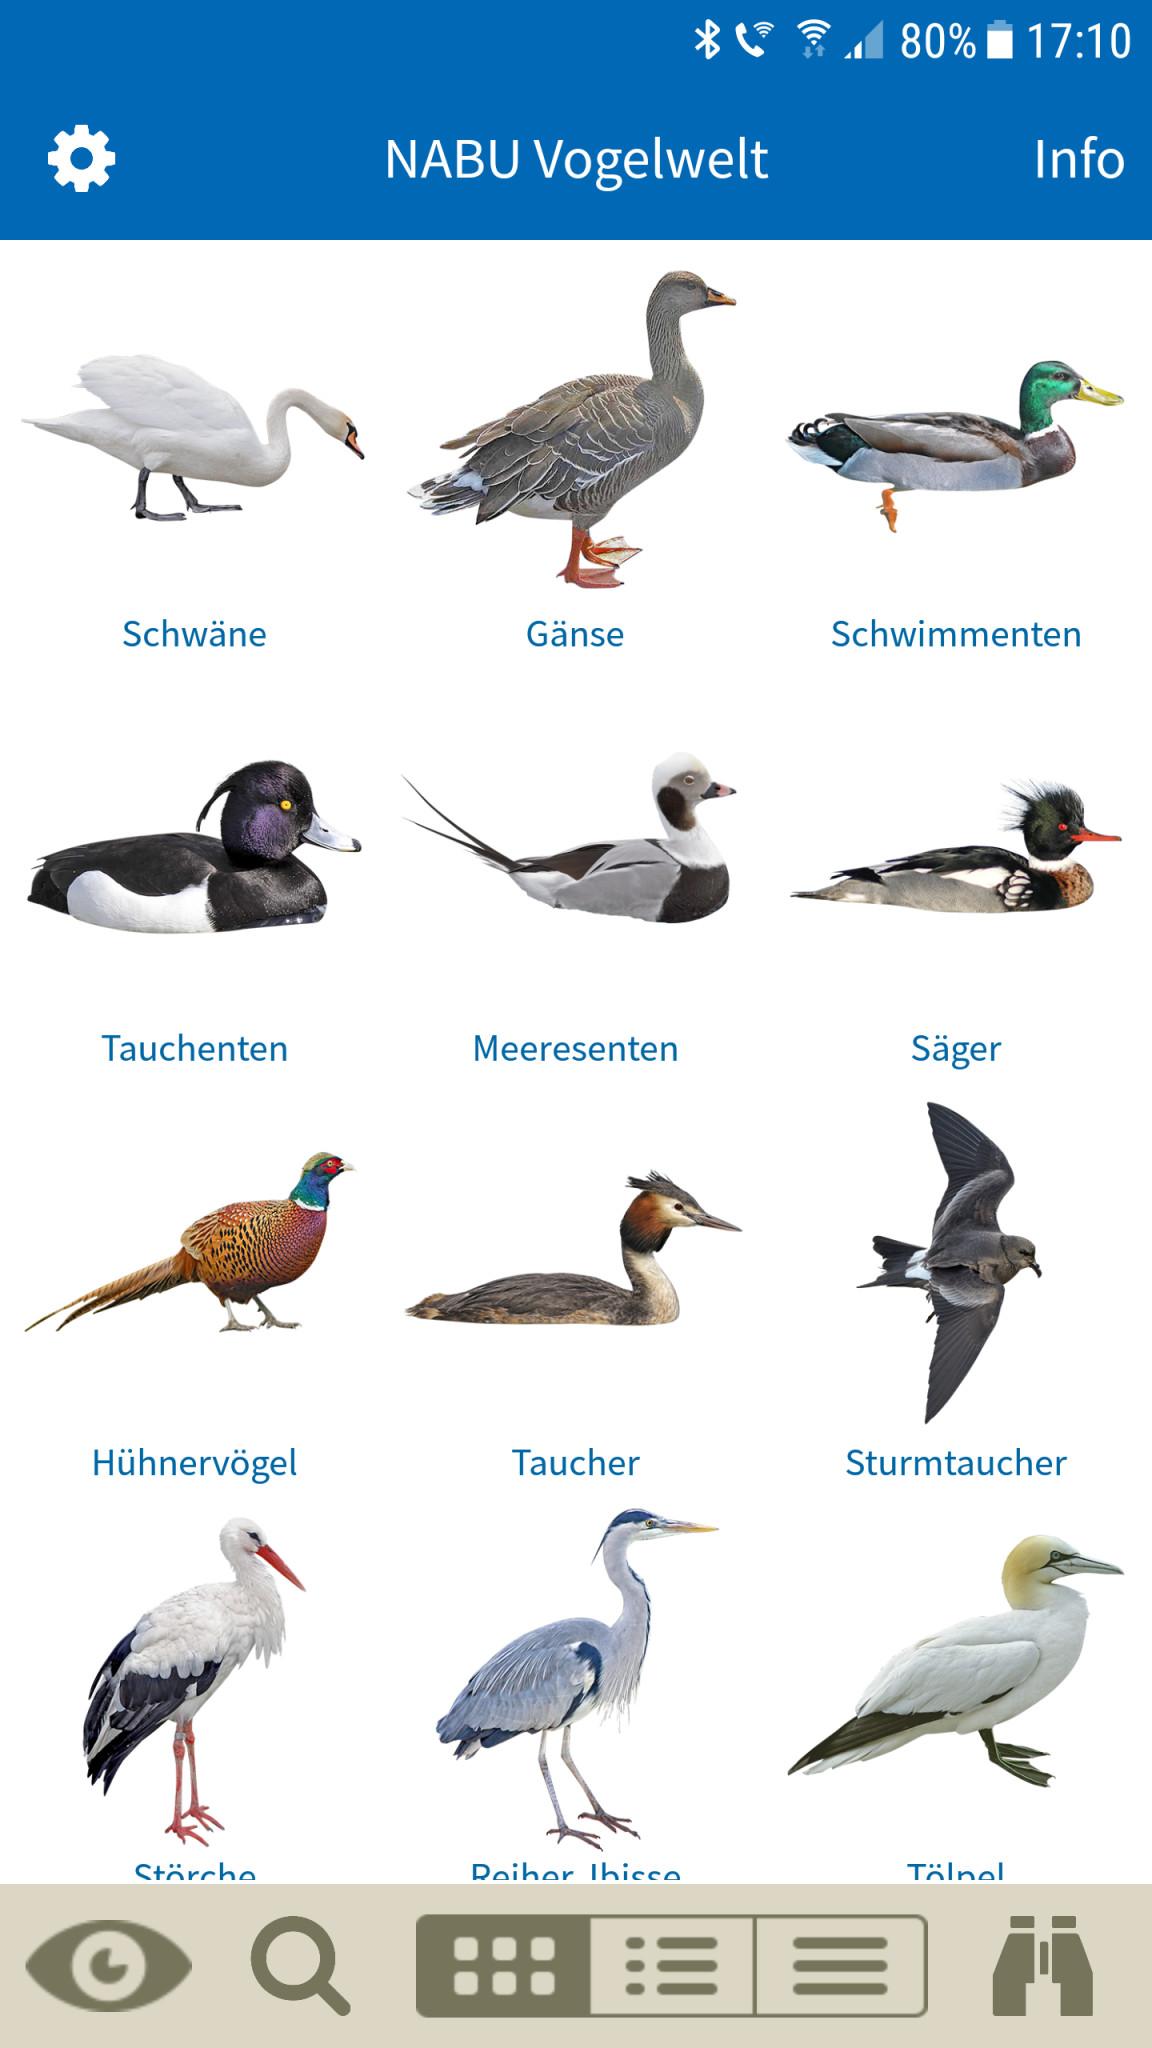 Screenshot 1 - NABU Vogelwelt: Vögel entdecken und bestimmen (Android-App)